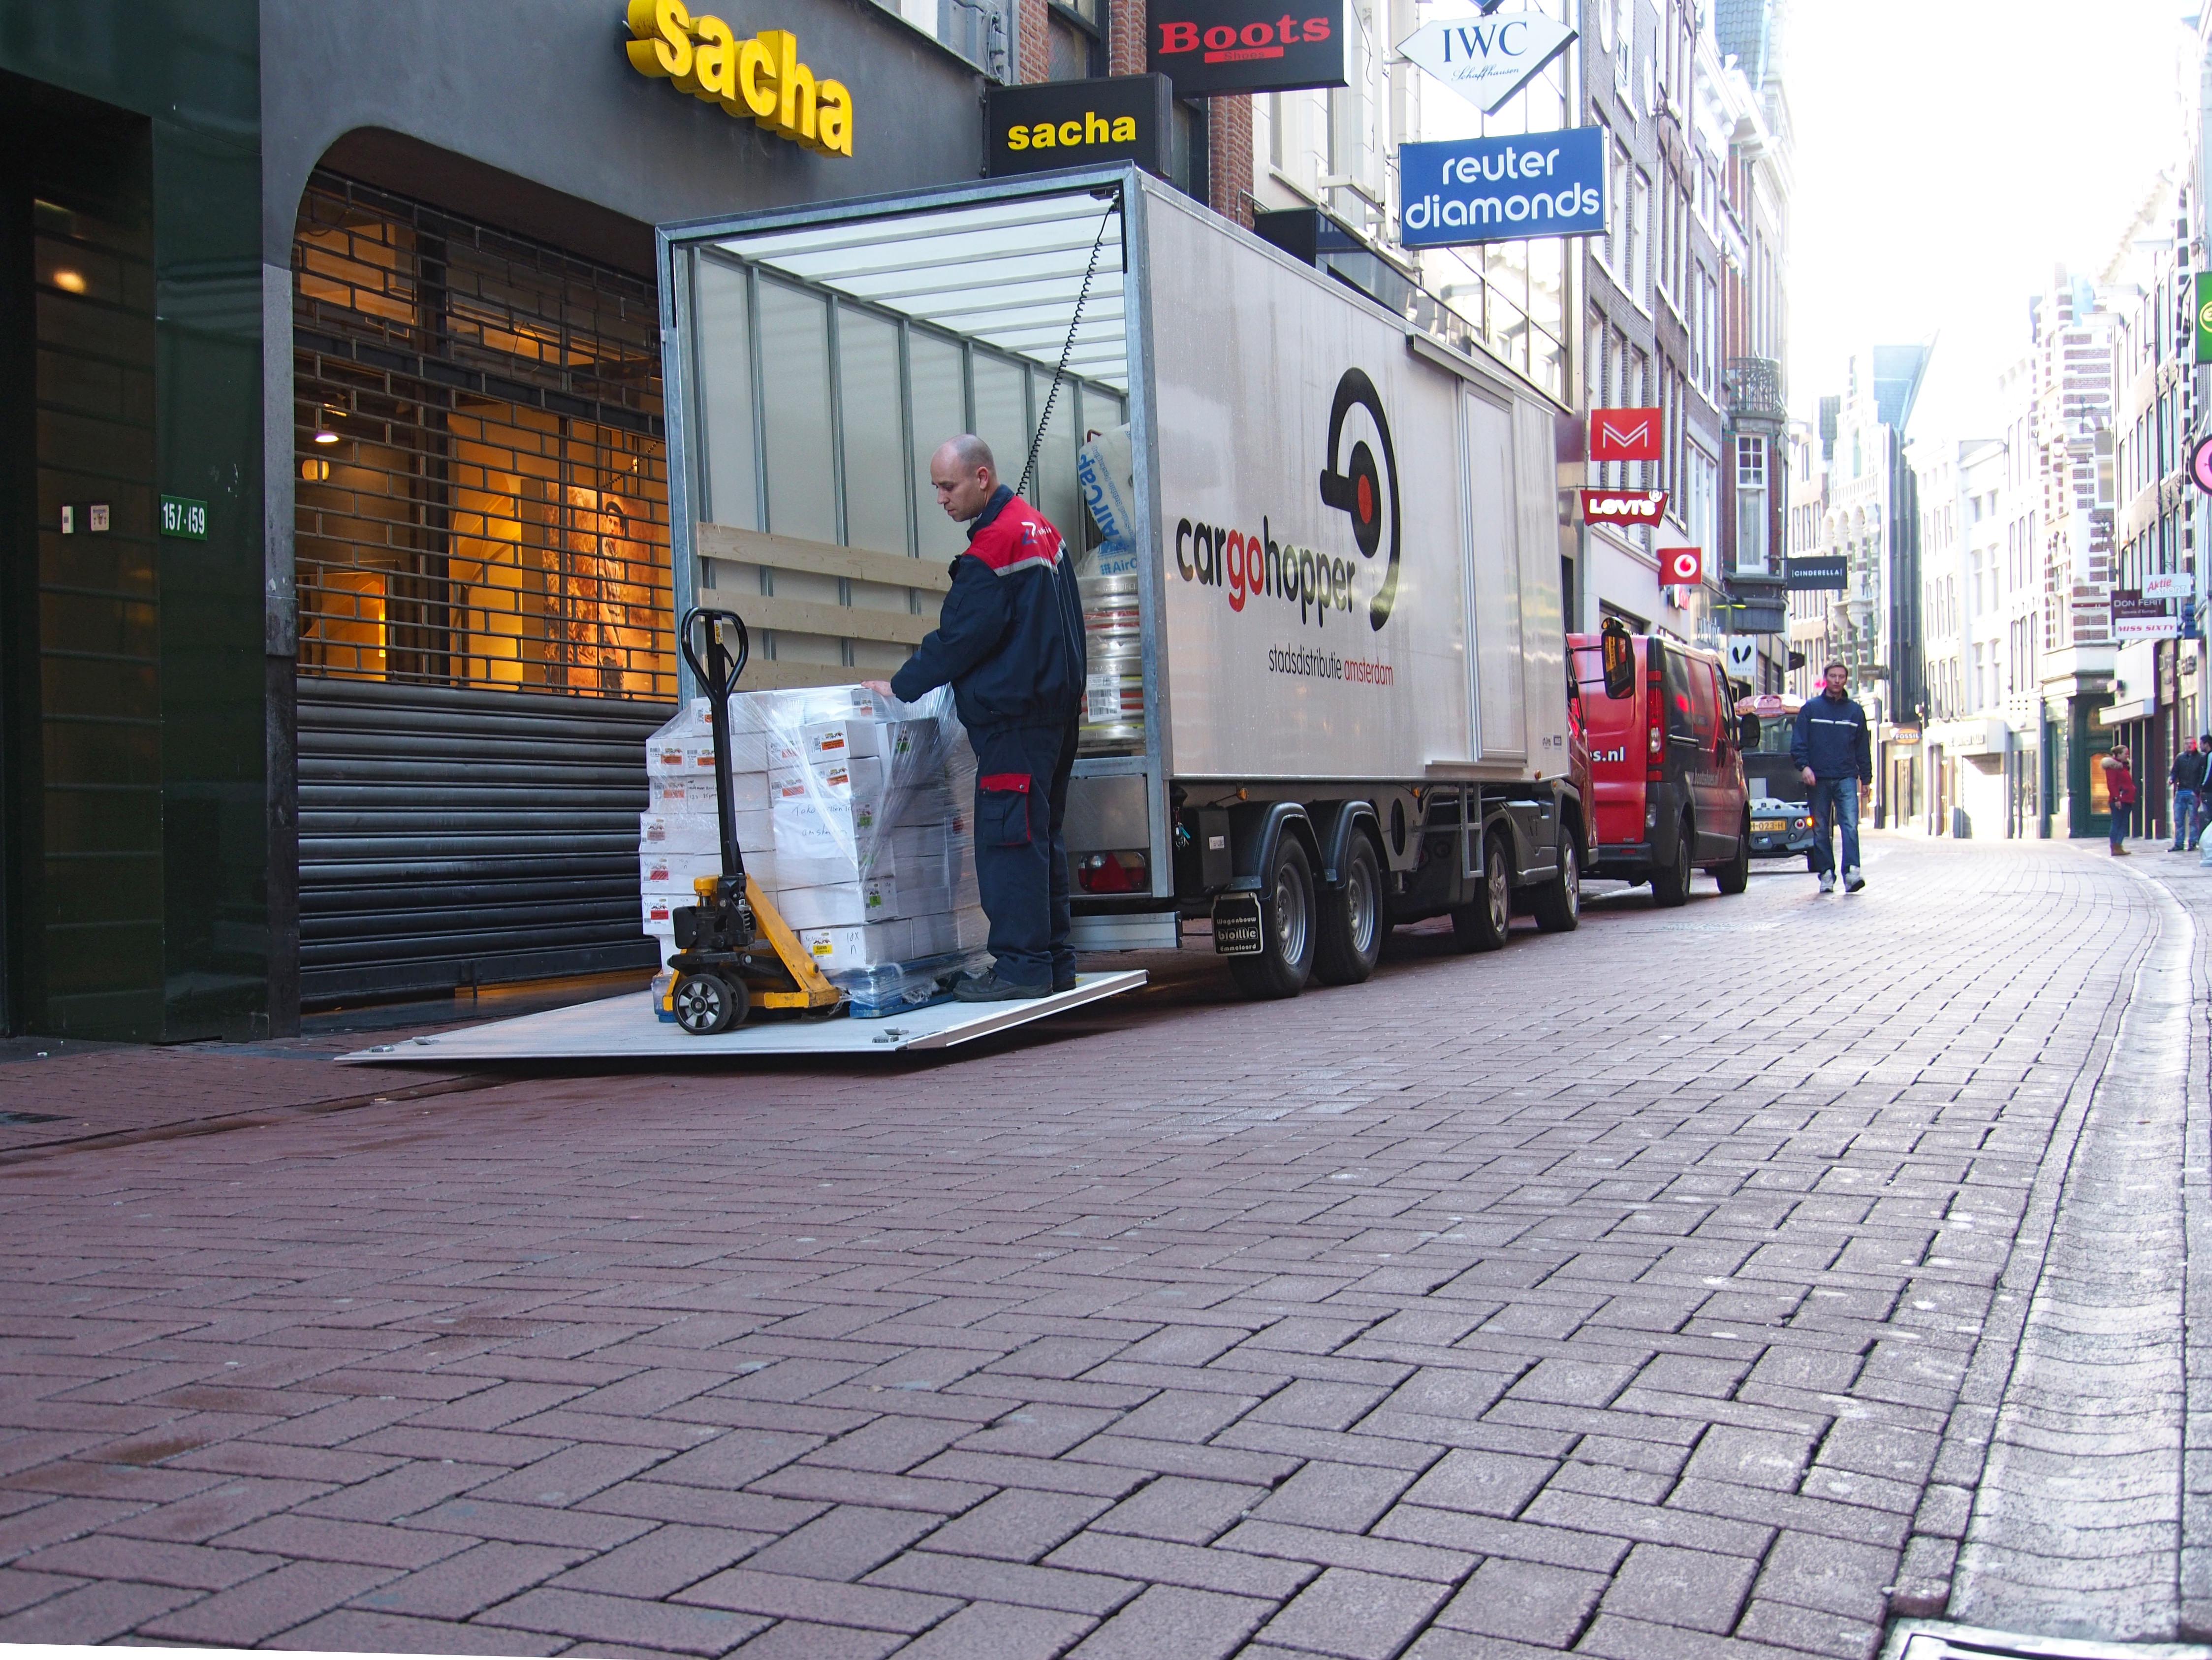 Cargohopper in Amsterdam Niederlande Innenstadtlogistik Sattelzug Innenstadt Auflieger Rollcontainer